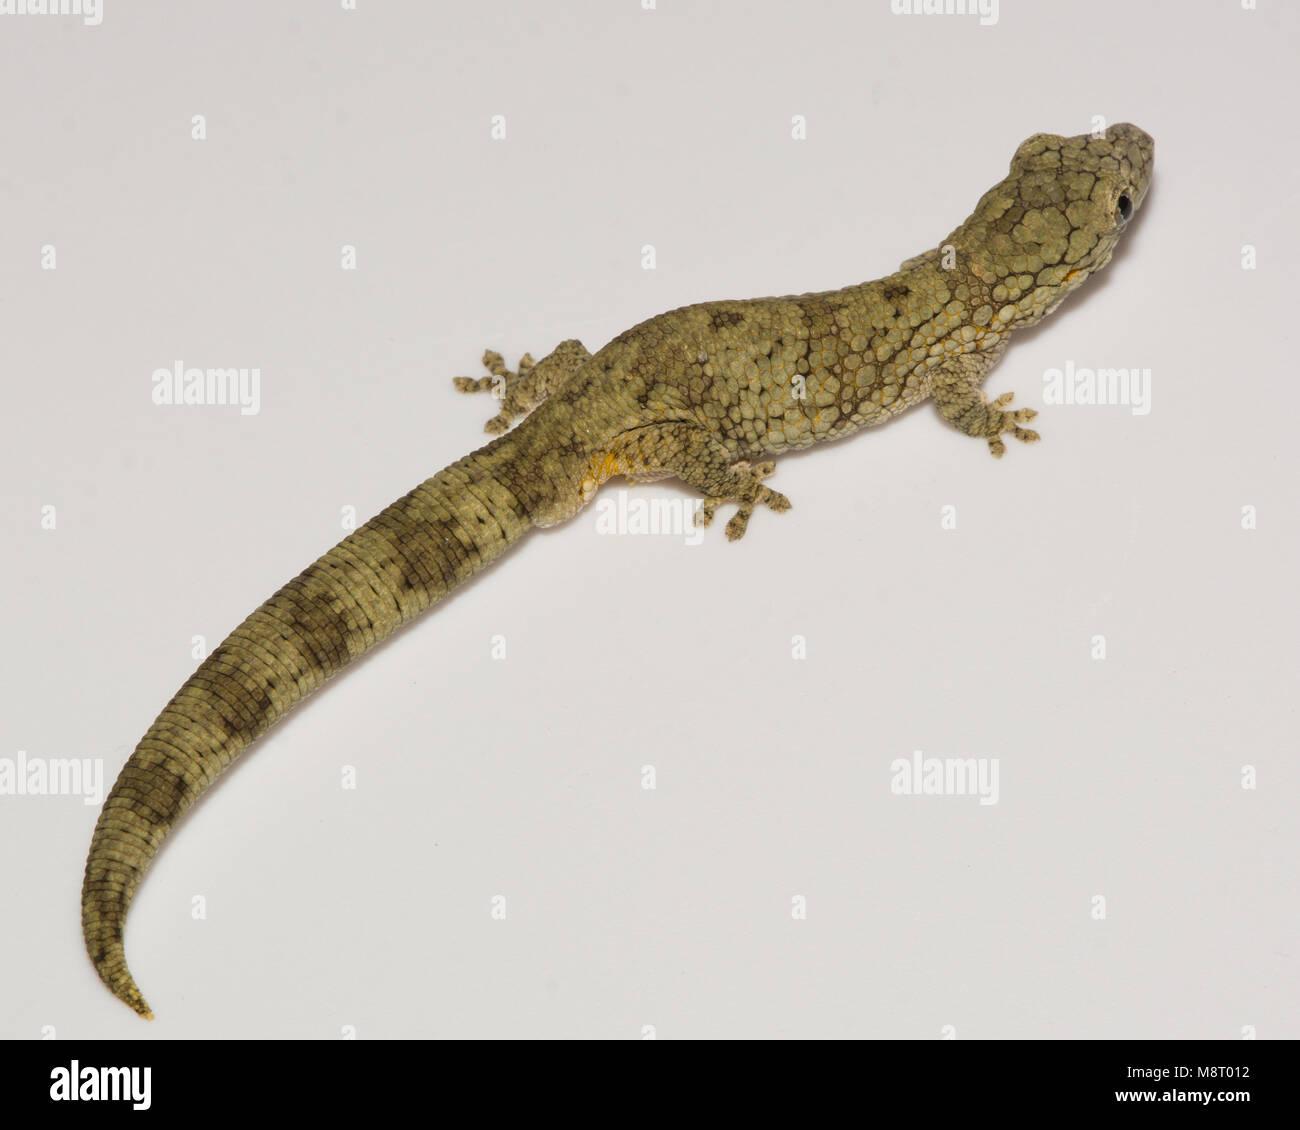 Chameleon White Background Stock Photos Amp Chameleon White